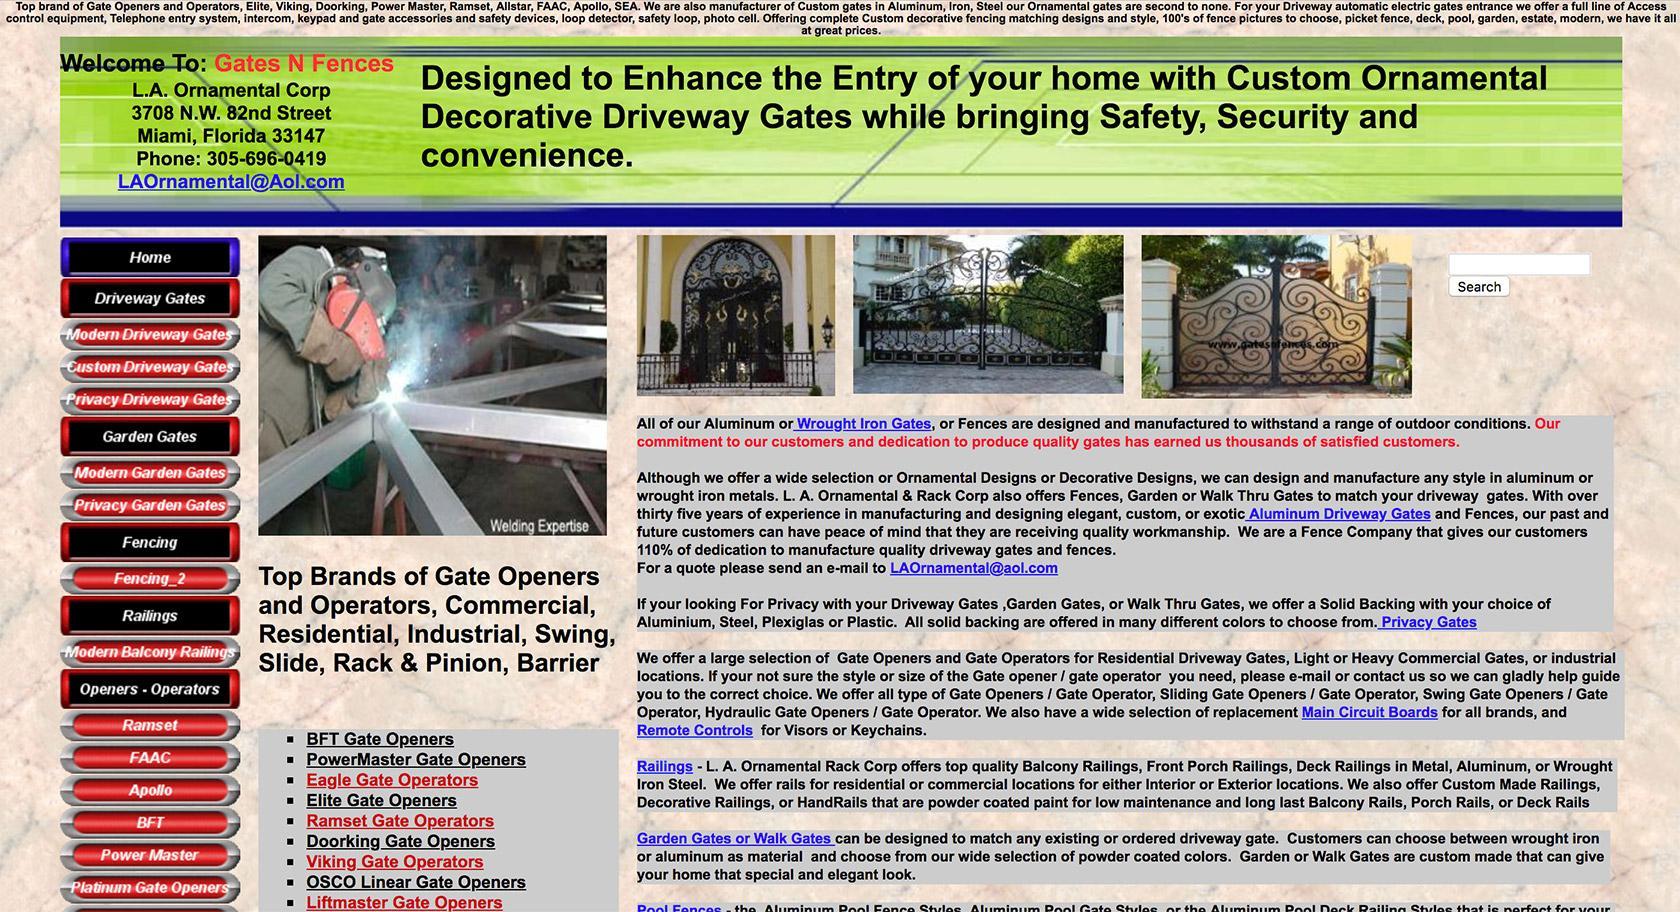 Example of no visual hierarchy to website design.